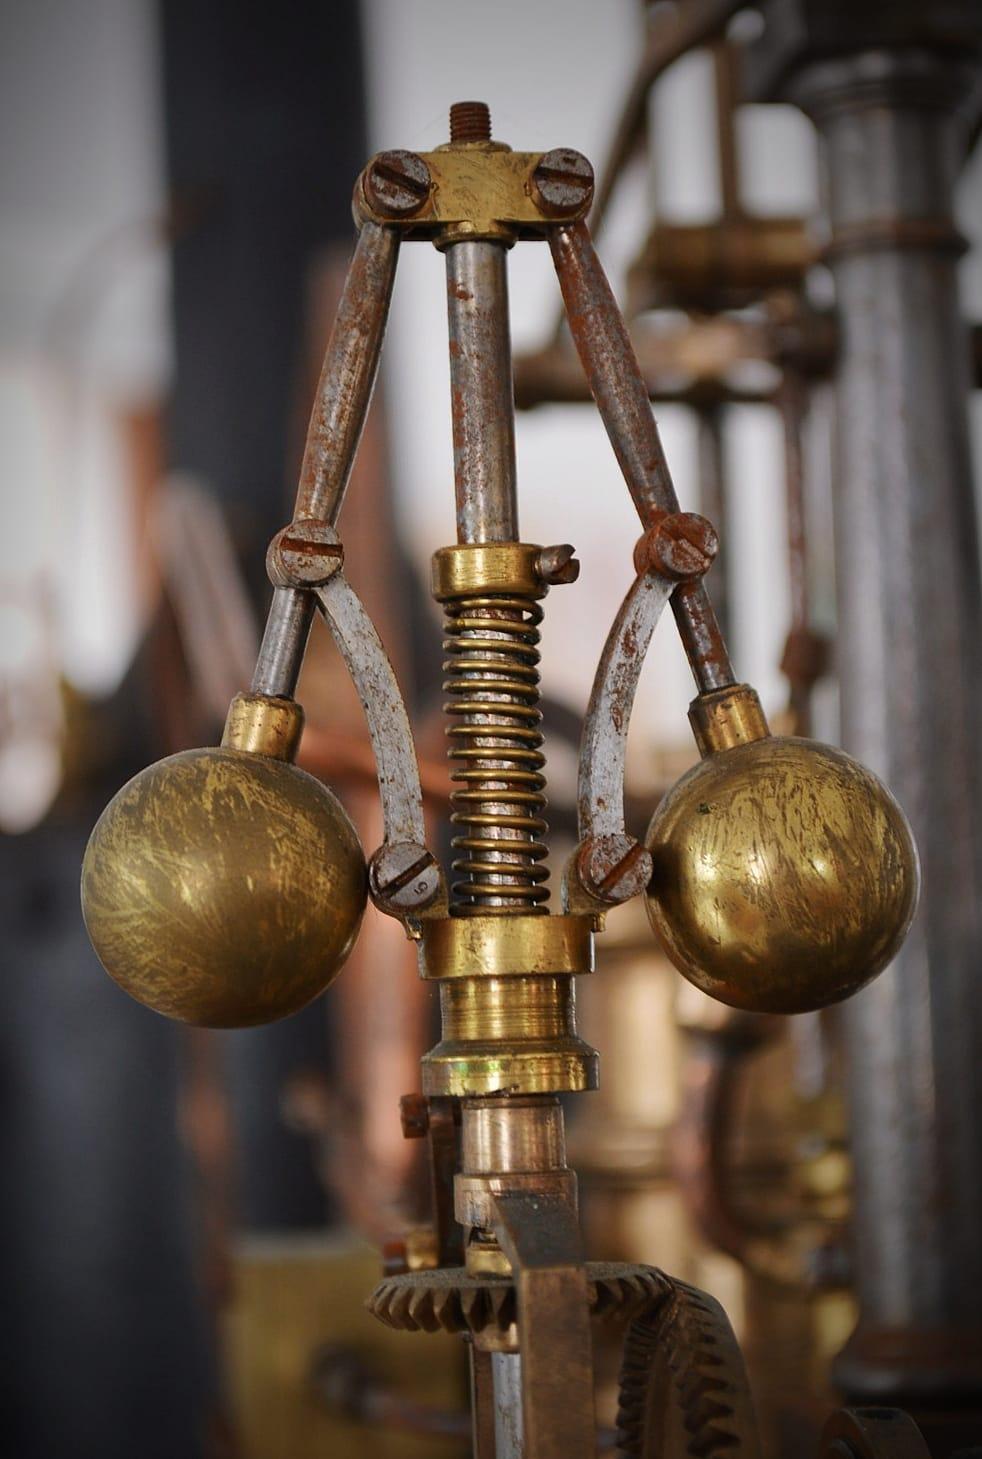 """""""Hay una fuerza motriz más poderosa que el vapor, la electricidad y la energía atómica: LA VOLUNTAD"""" (Albert Einstein). Regulador de esferas de Watt. Detalle de la máquina de vapor de James Watt."""